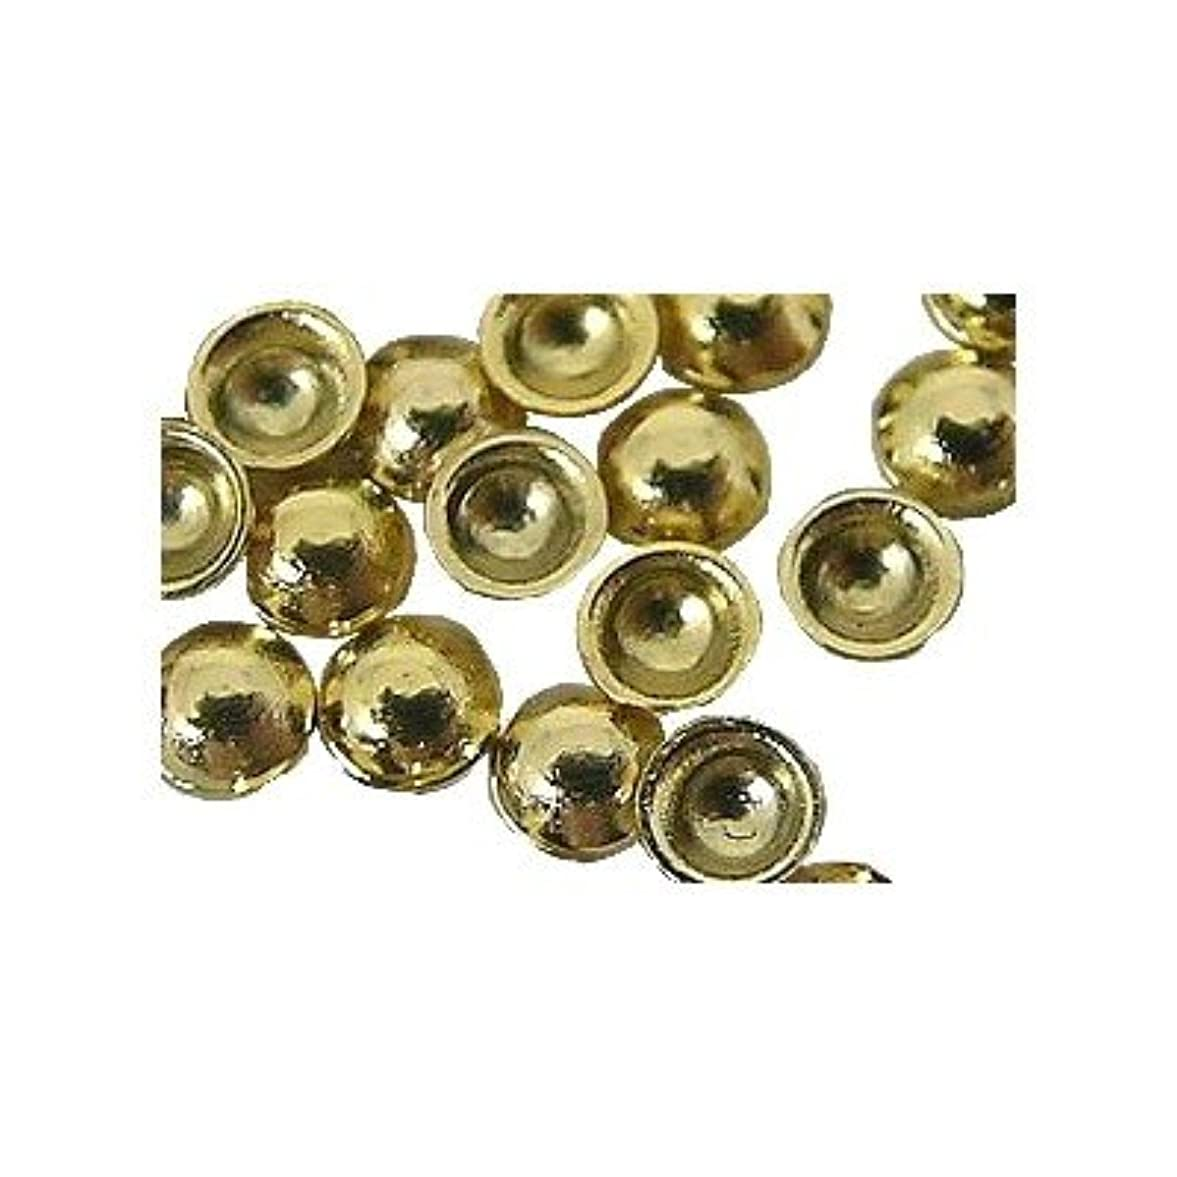 遅らせる毒液平和なピアドラ スタッズ 2.0mm 100P ゴールド